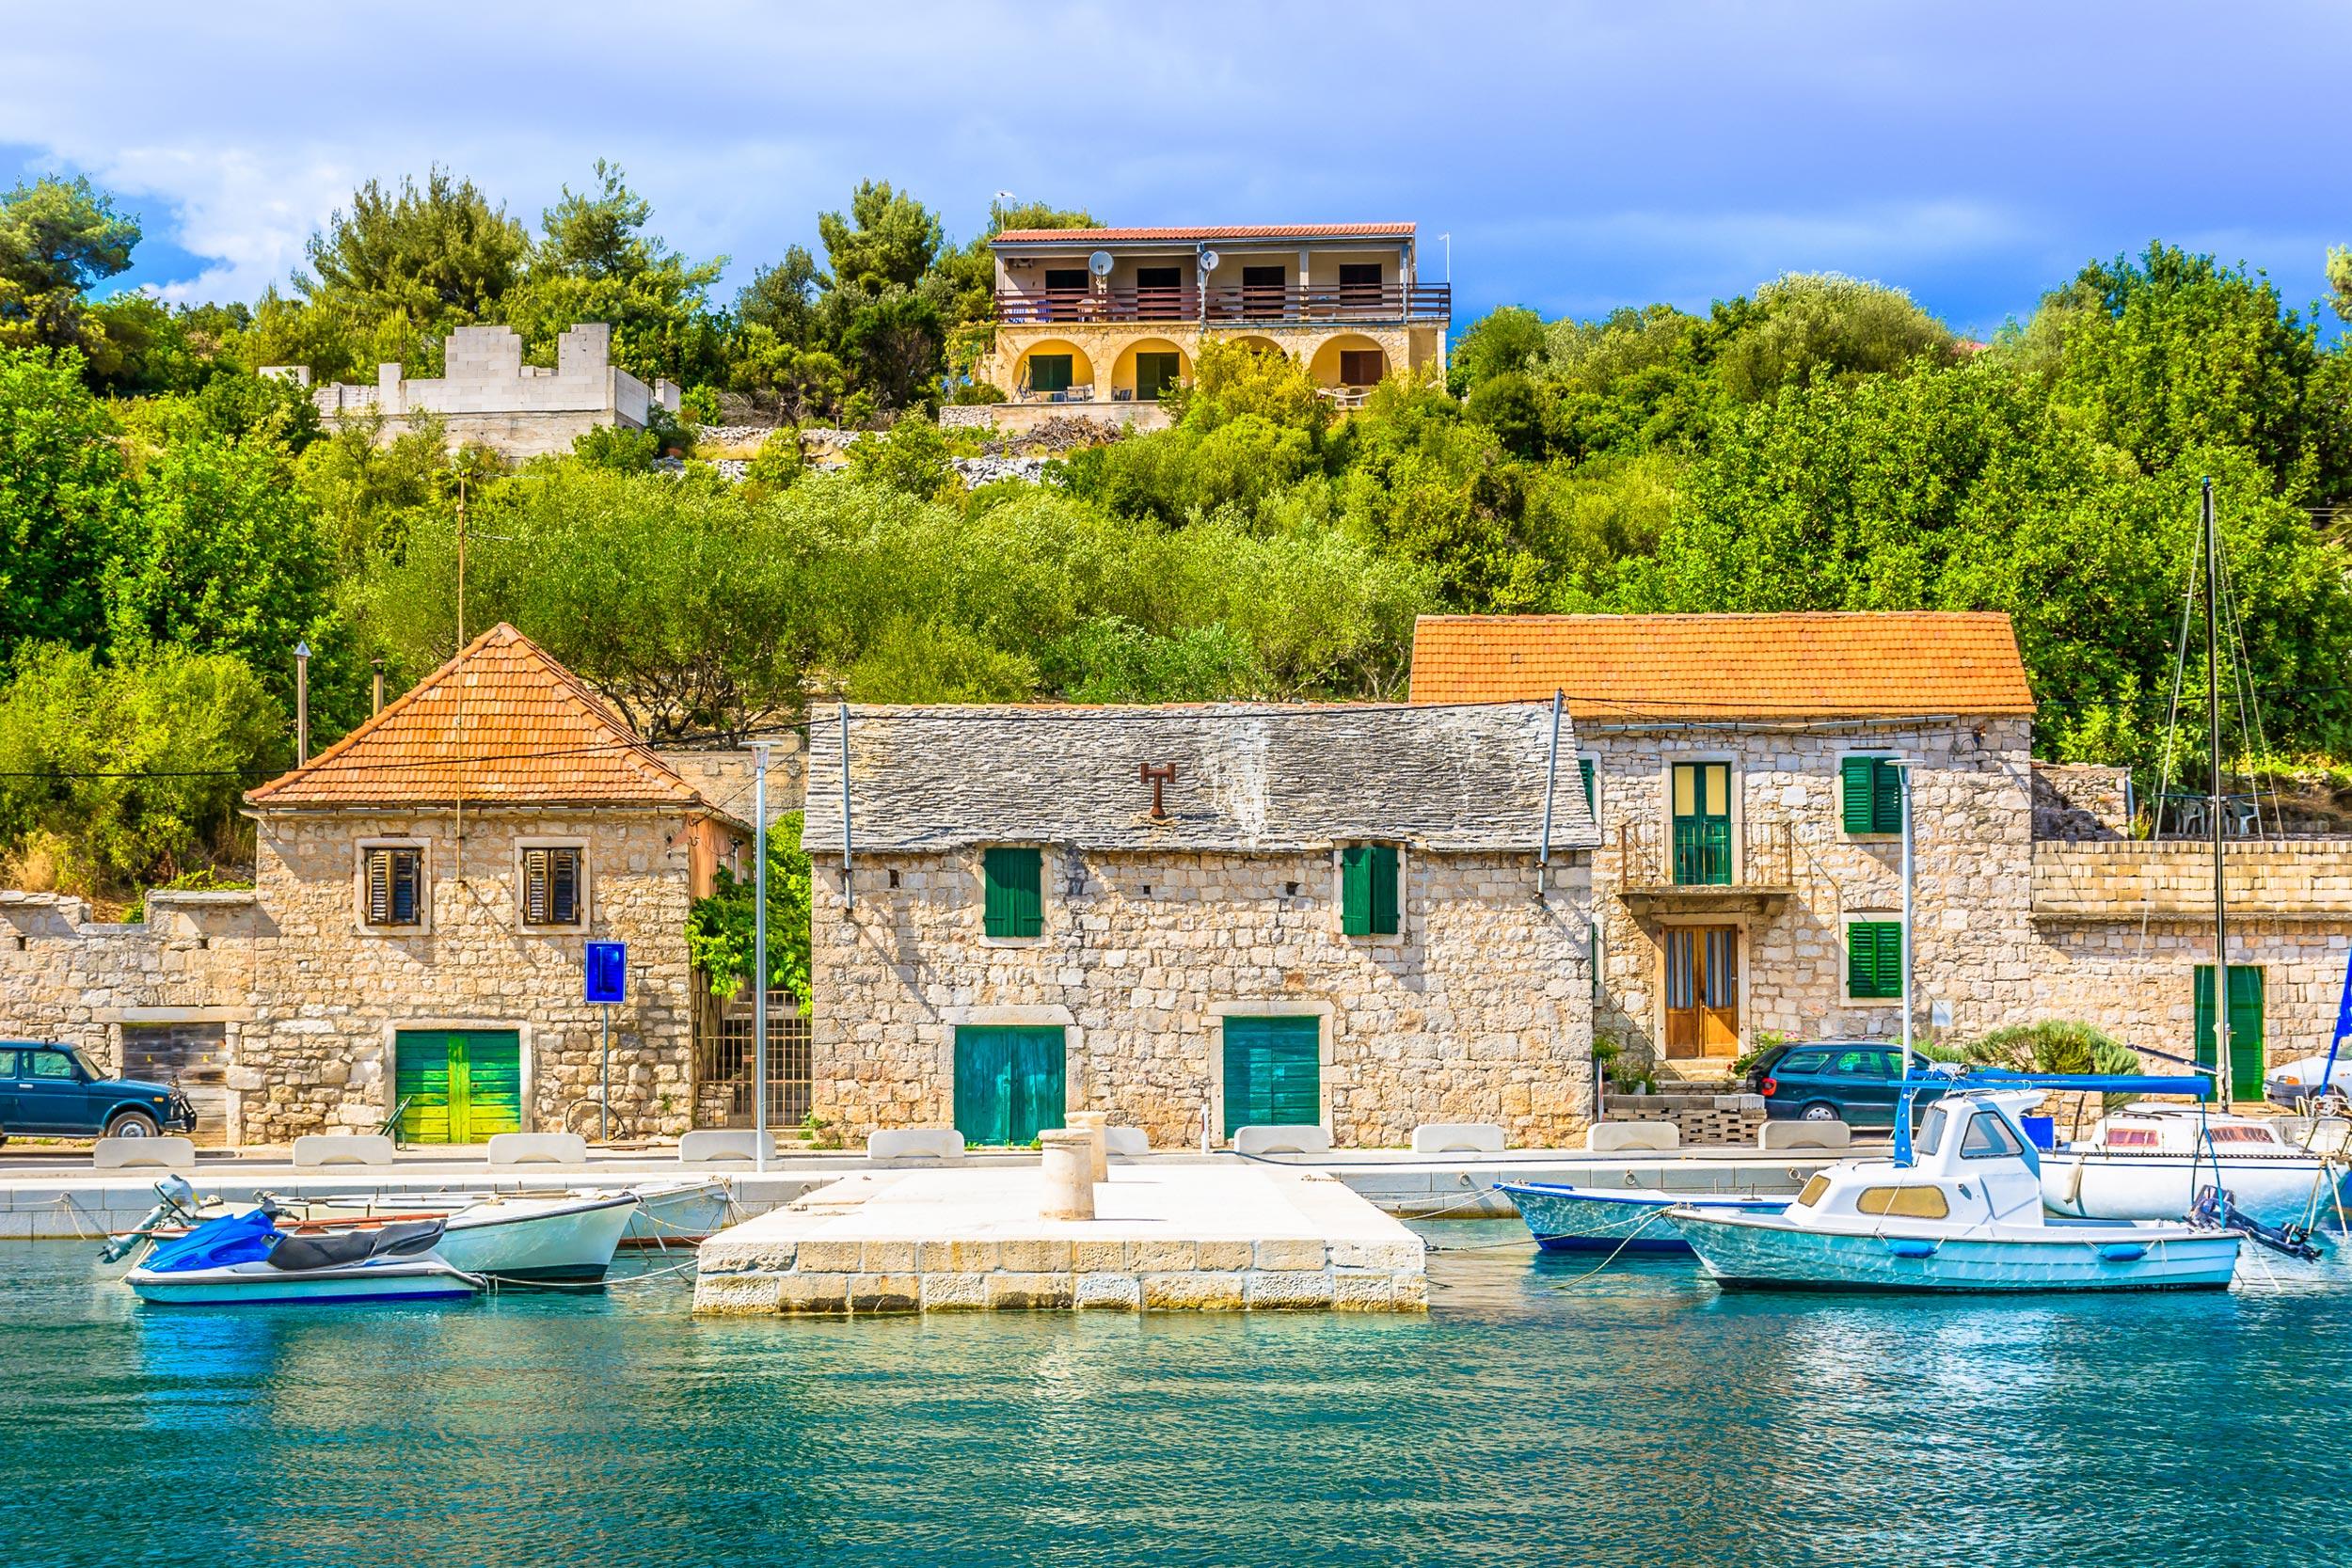 Stare kamene kuće uz obalu i barke